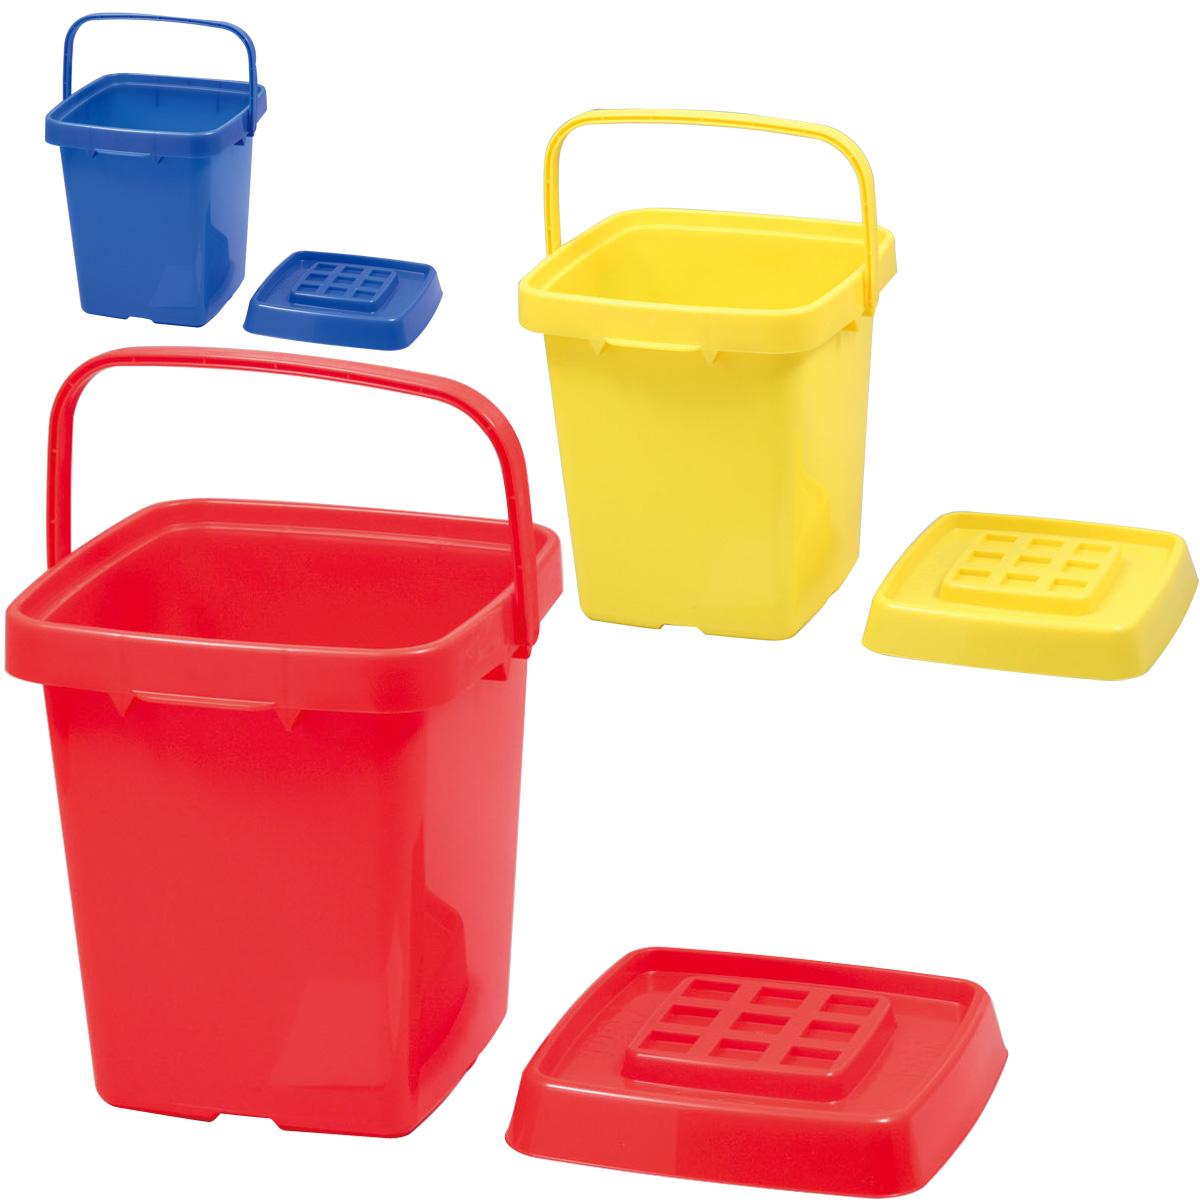 おかたづけボックス お片づけ おもちゃ箱 収納 バケツ ラック ゴミ箱 ダストボックス 玩具入れ 蓋付き クリスマスプレゼント